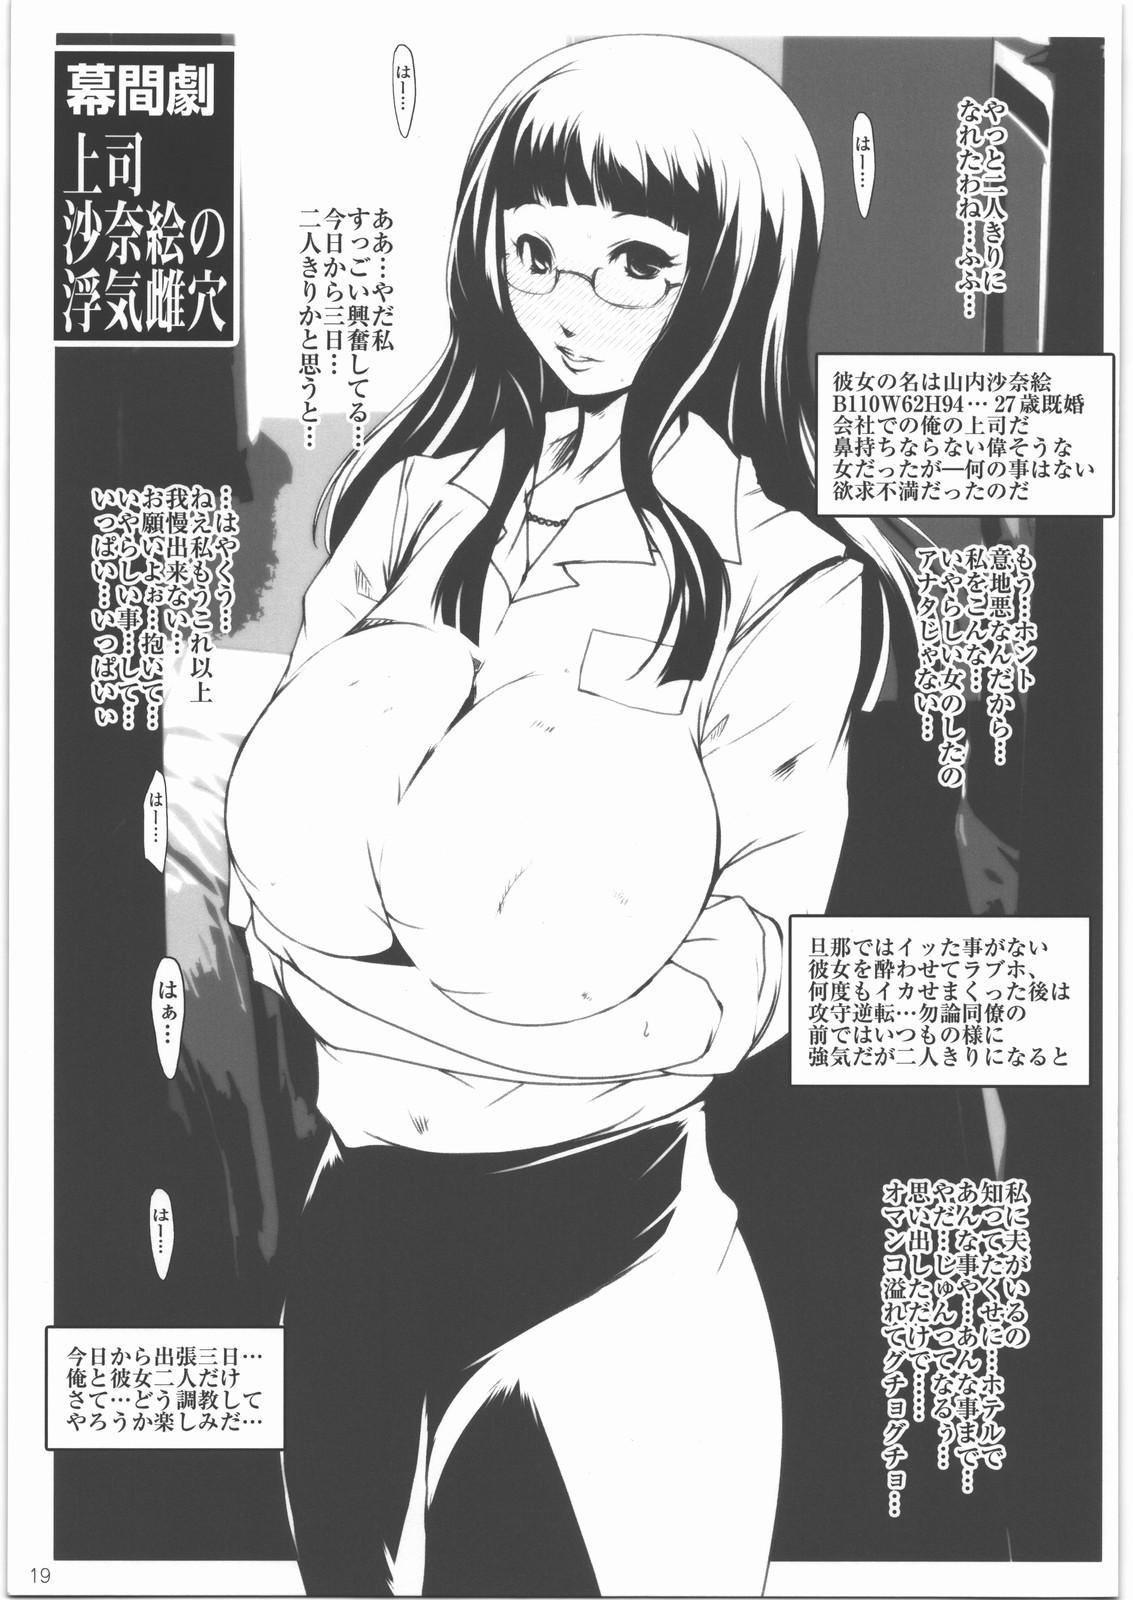 【エロ漫画・エロ同人誌】巨乳人妻から巨乳女子校生までエッチなセフレとのセックスをどぞwwwwwwwwwwwwww (18)